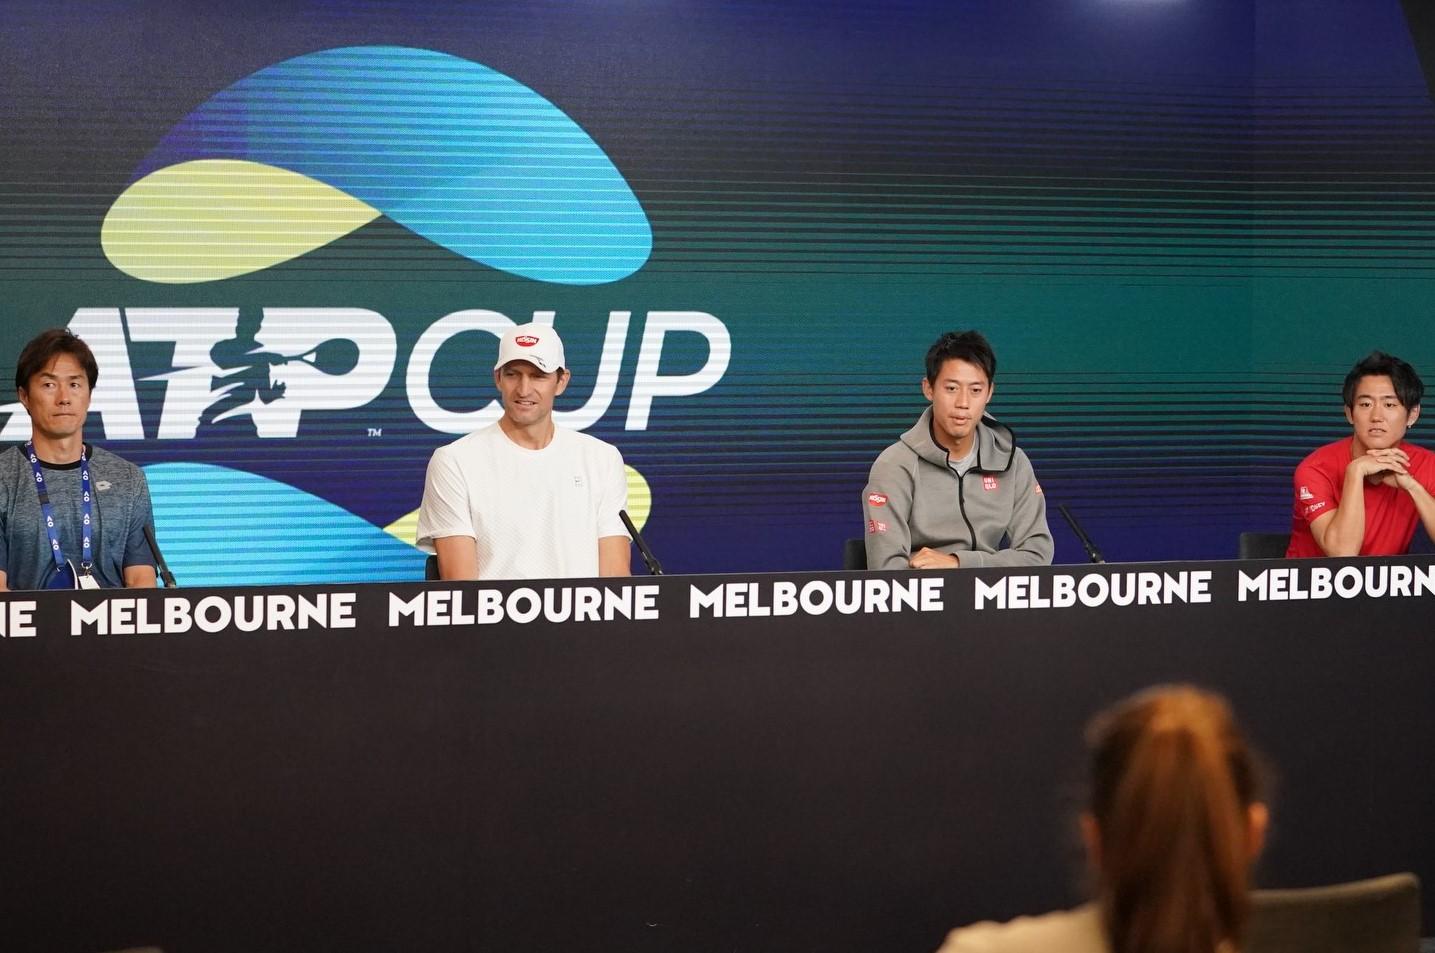 錦織圭2月3日メドベージェフと対戦 ATPカップ【ニュース – TENNIS.jp】